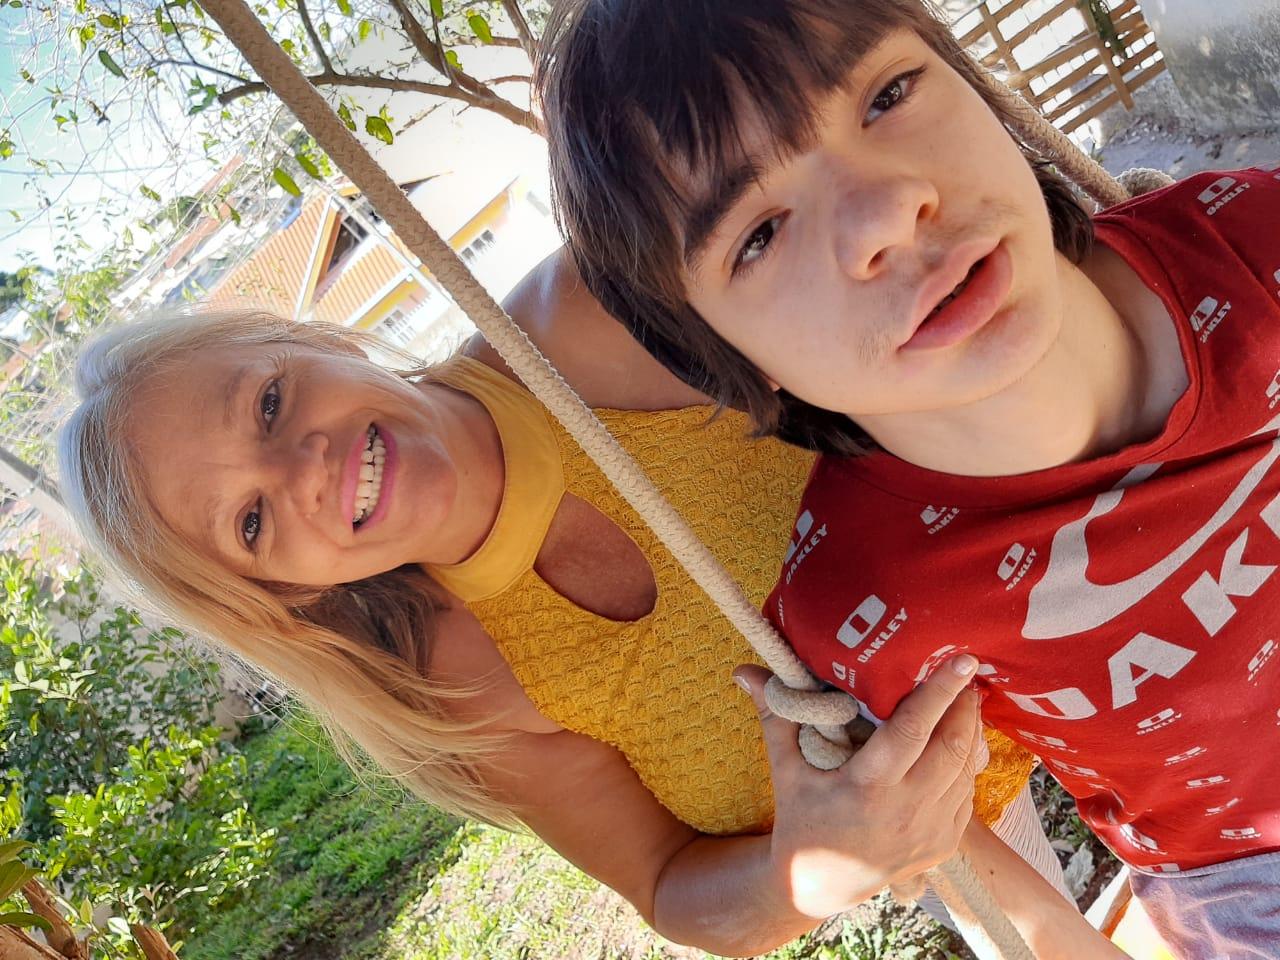 Marcia Regina posando com seu filho, Nátan, ao ar livre